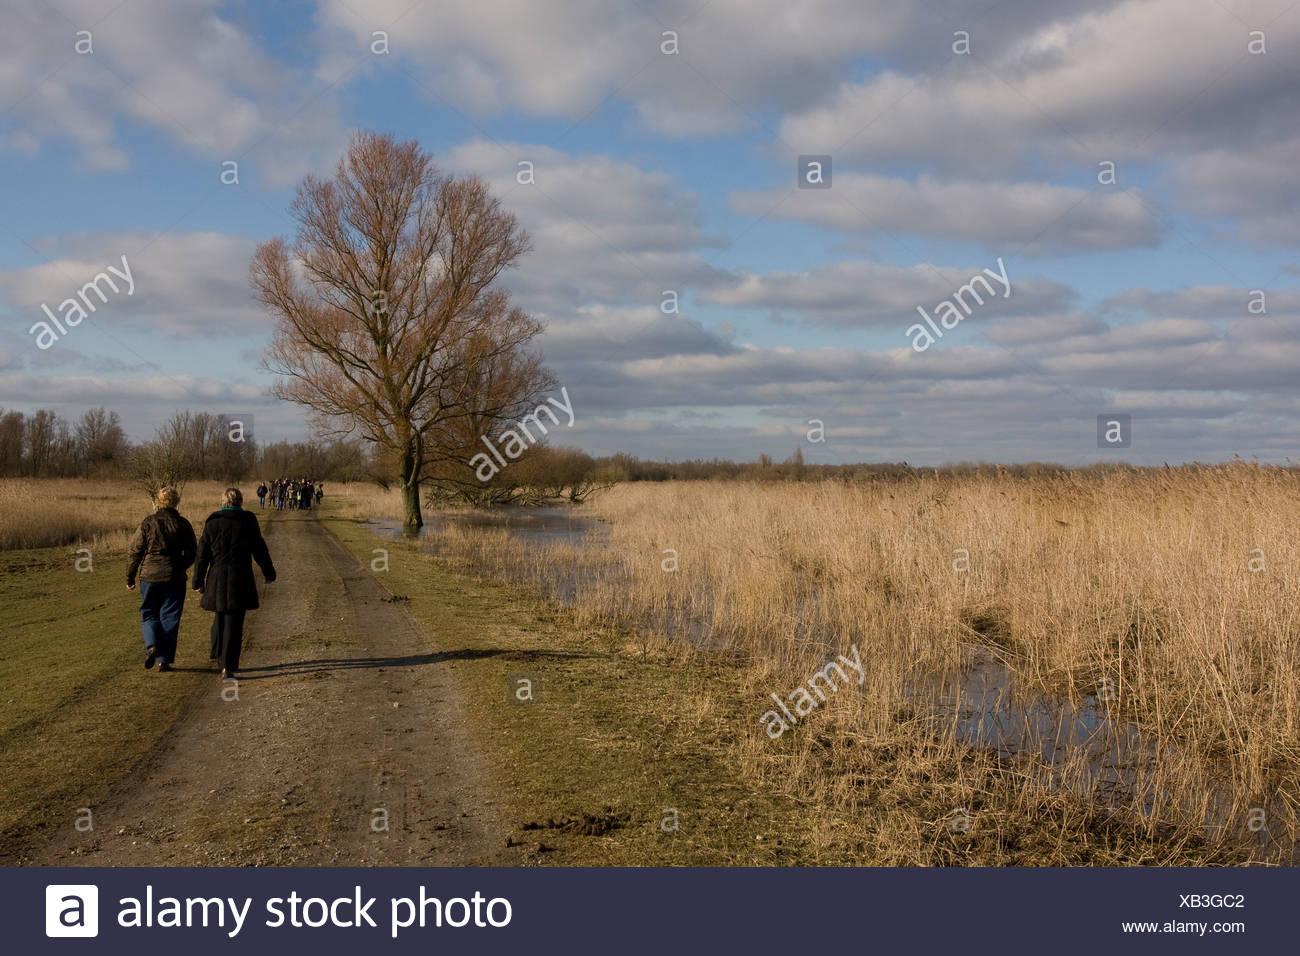 Wandelaars in het natuurgebied Oostvaardersplassen Stock Photo